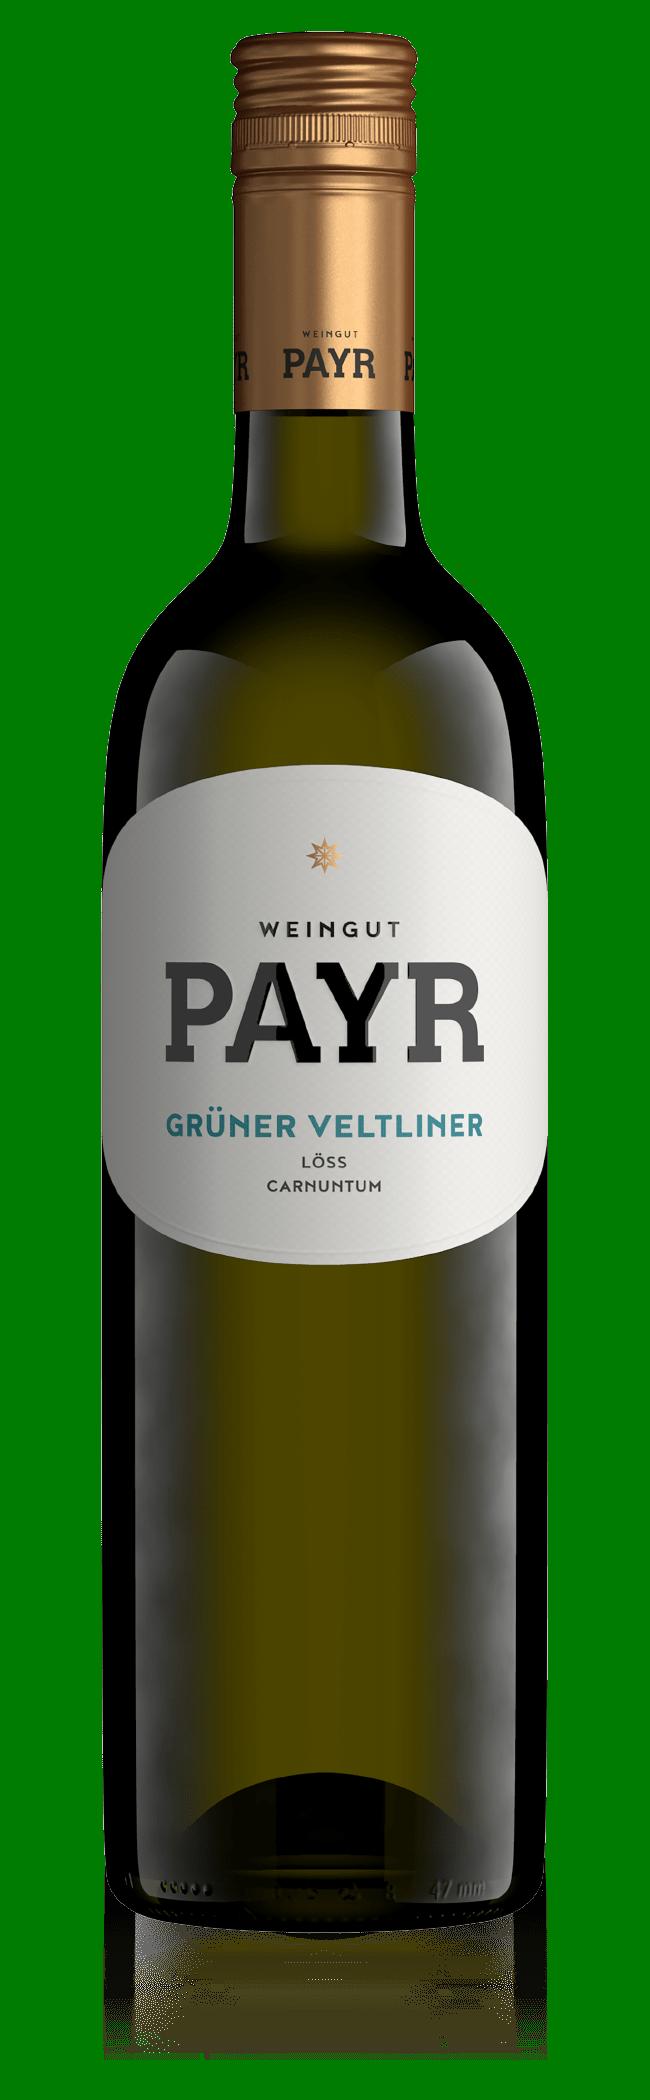 Weinflasche Grüner Veltliner